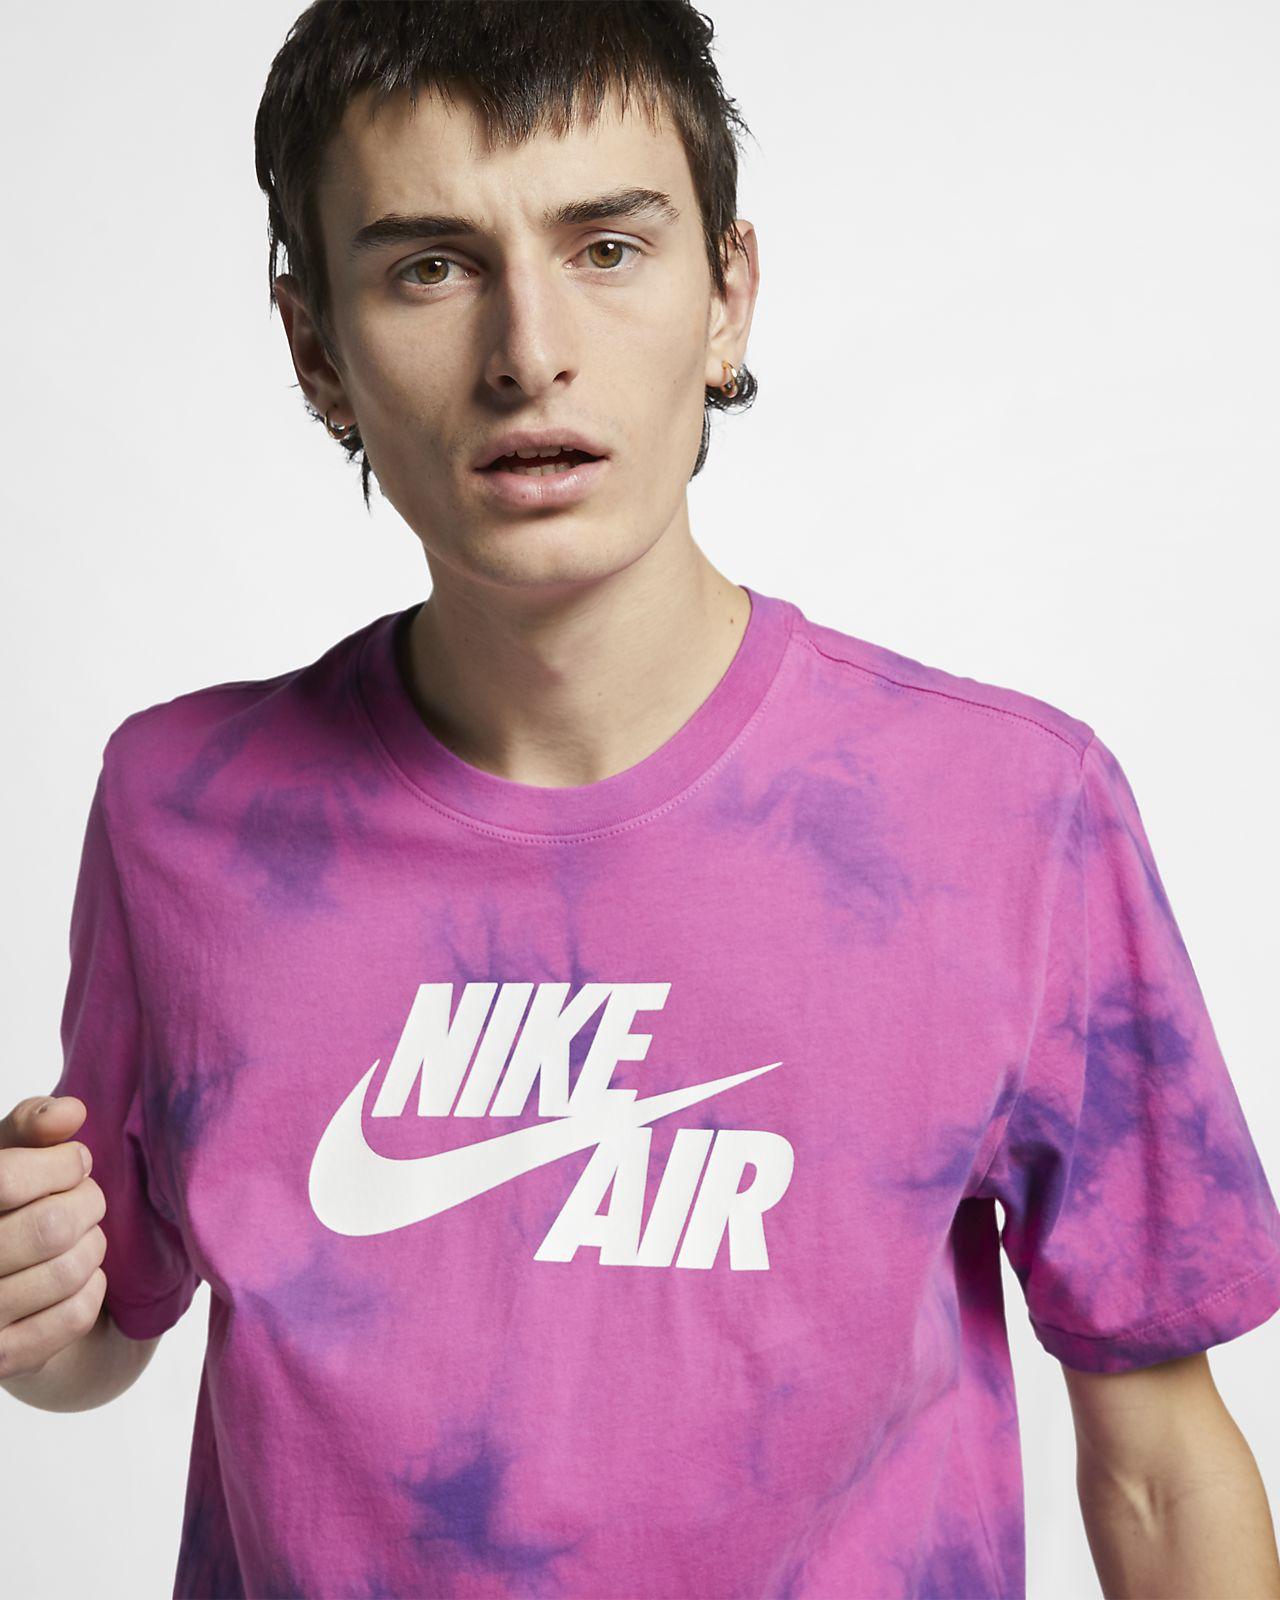 a8dc27a8eb9d Nike Tie Dye T Shirt Mens - DREAMWORKS